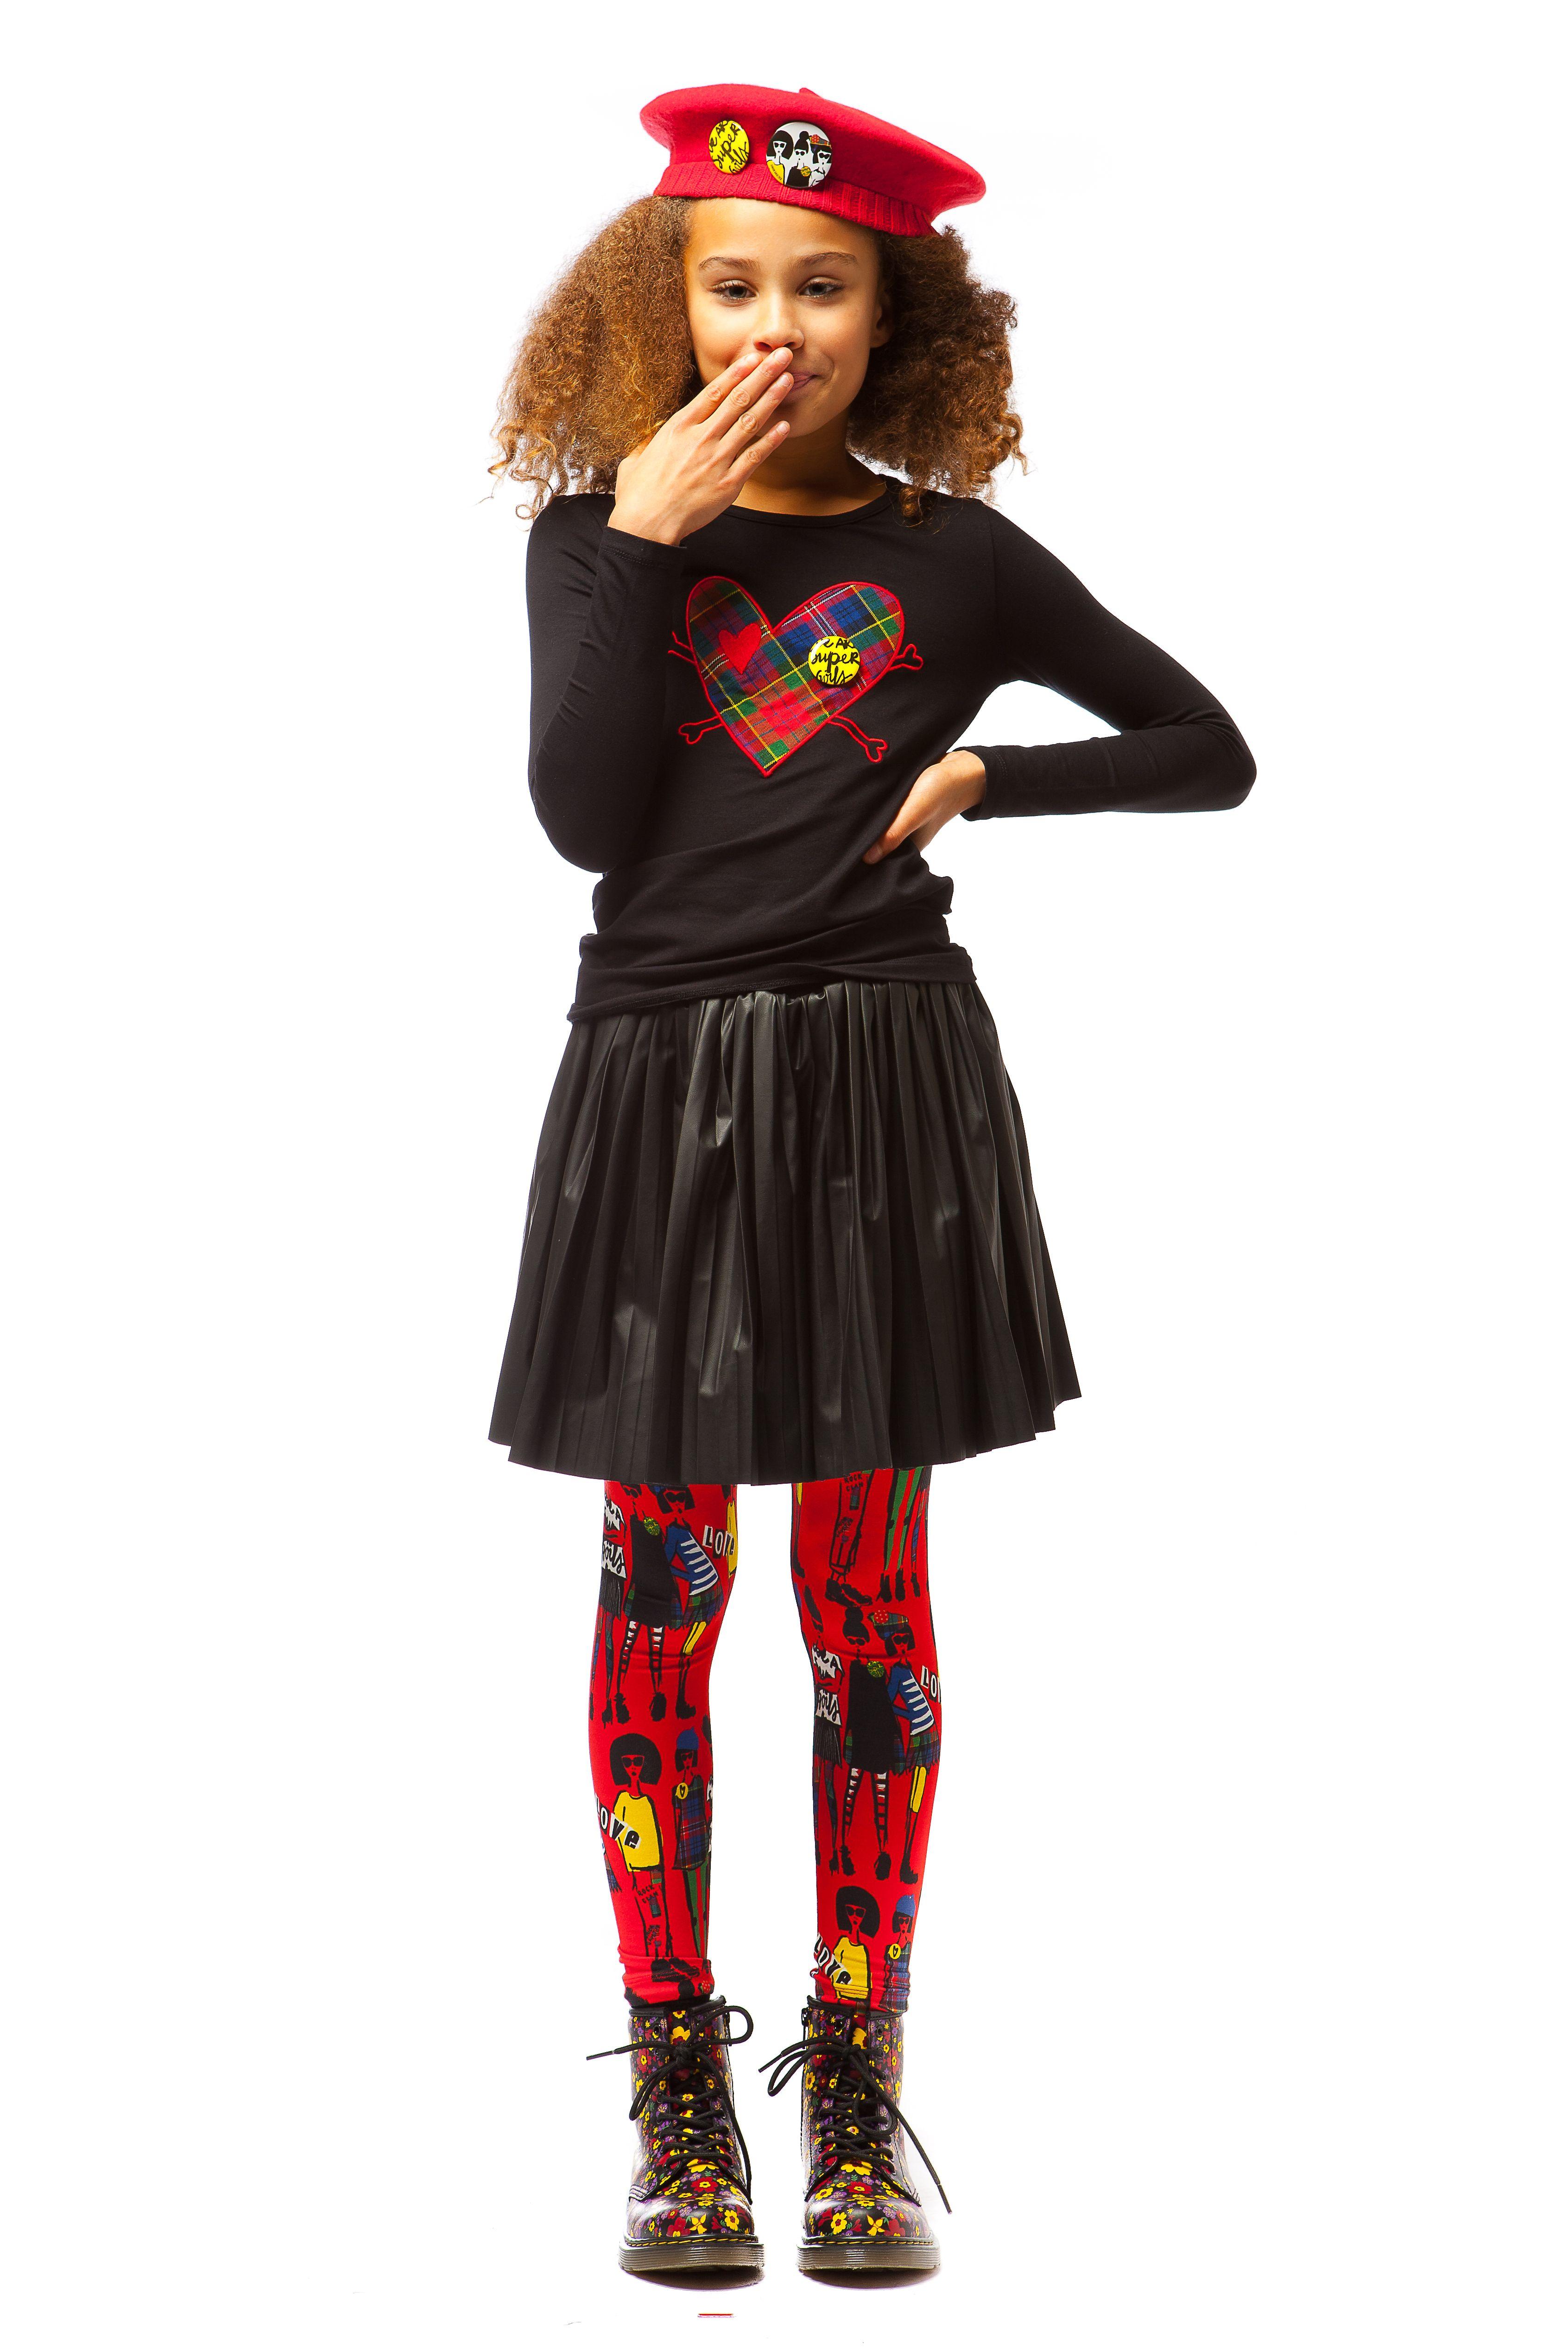 Ensemble Junior Gaultier - http://blog.boutique-lollipop.com